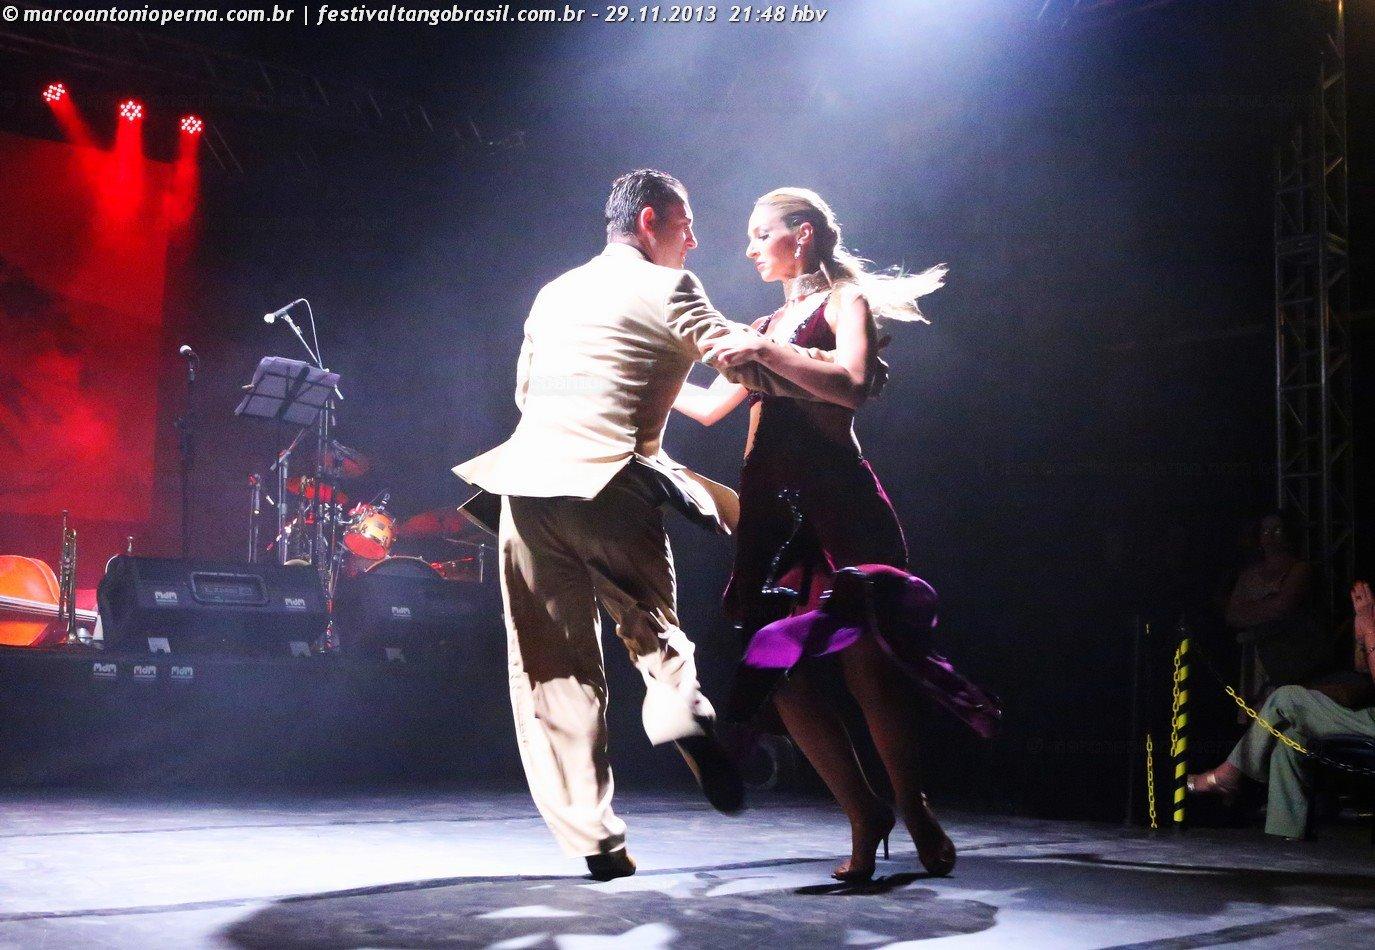 Festival Internacional de Tango - Brasil 2013. Na Lona Cultural do CCBB e Correios. Apresentação de tango de Fernando Decampos e Helena Fernandez